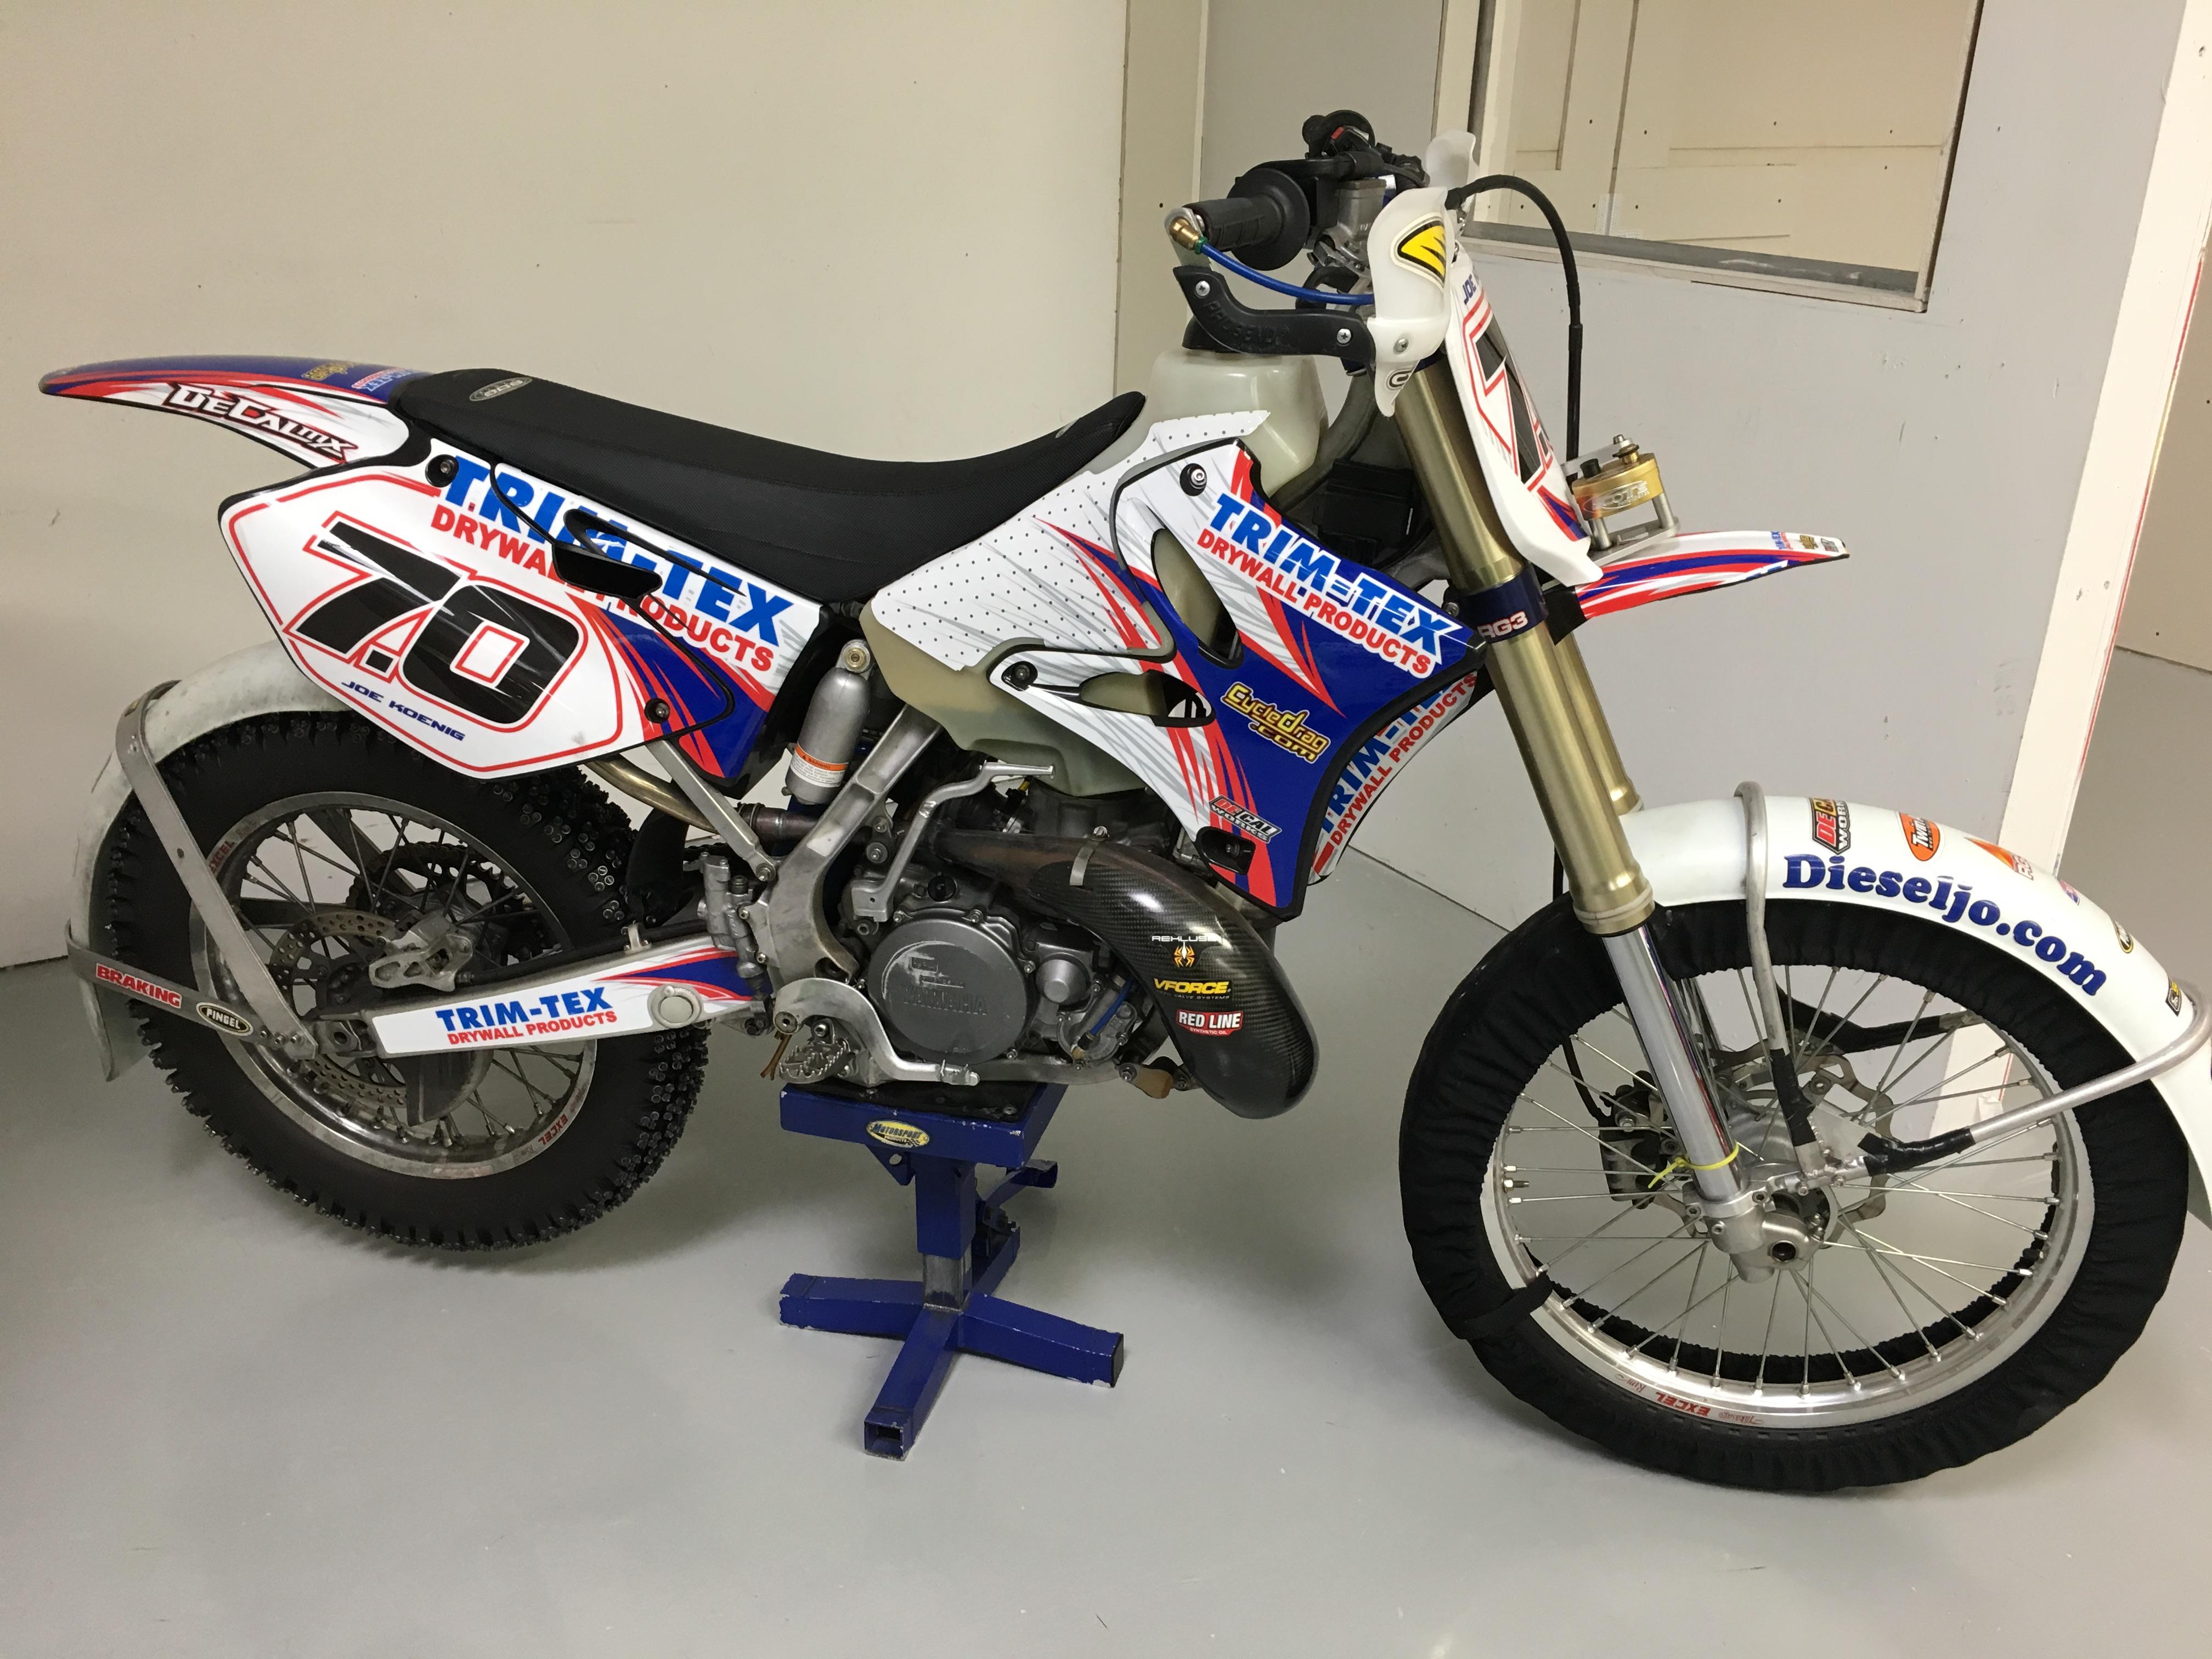 Trim-Tex Ice racer YZ 285